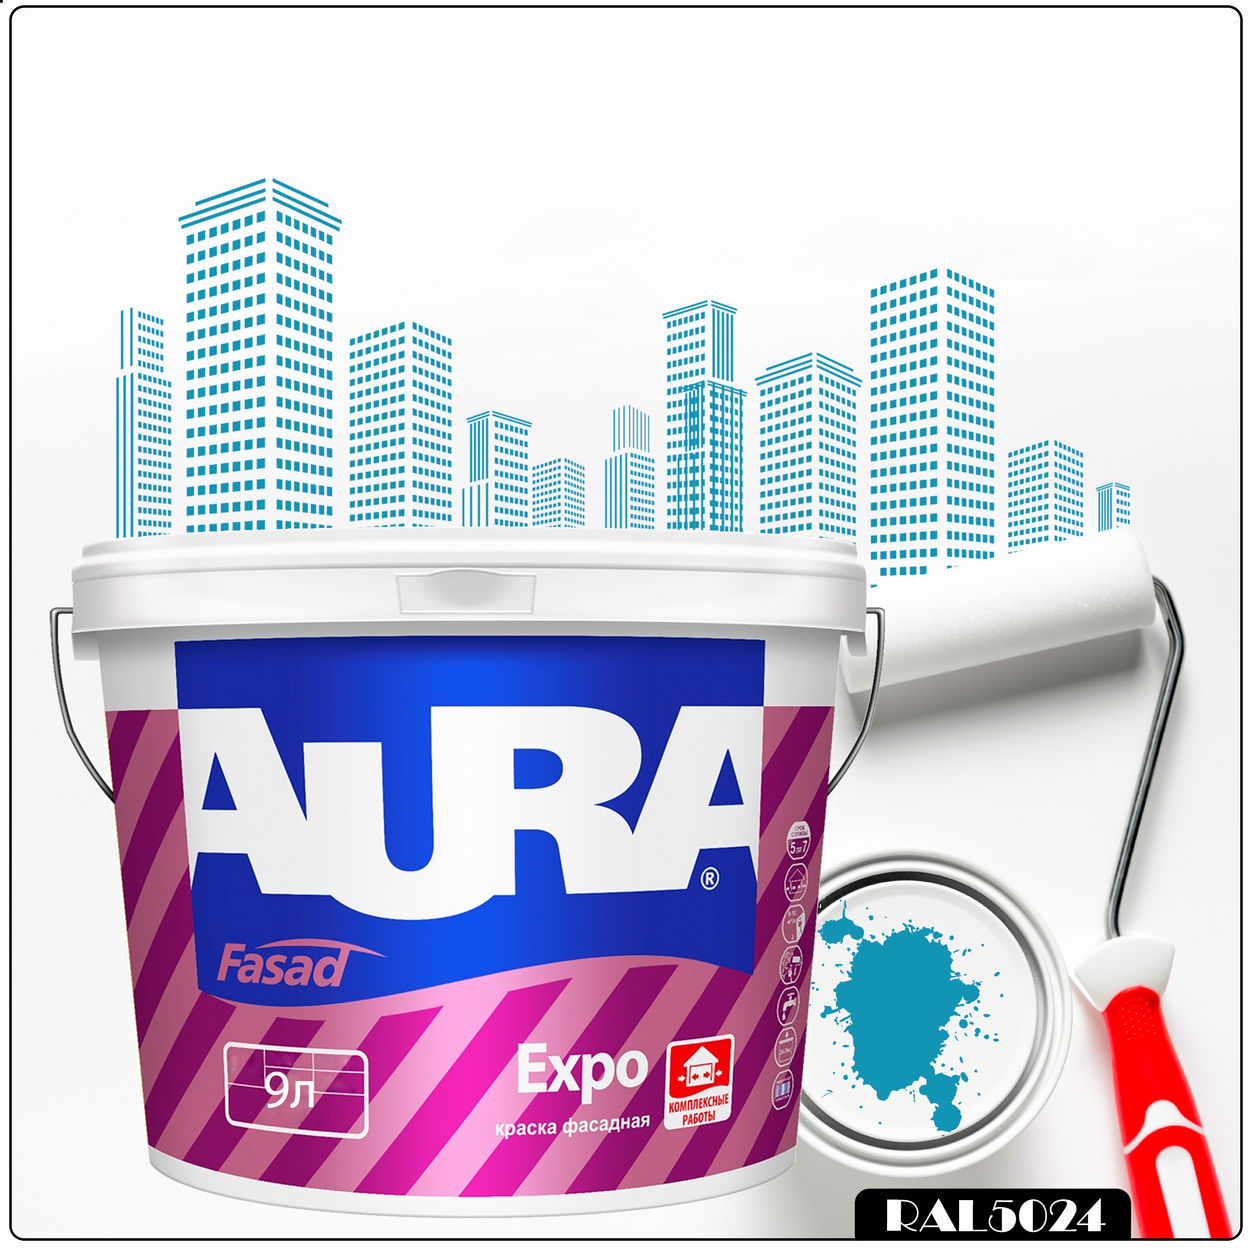 Фото 23 - Краска Aura Fasad Expo, RAL 5024 Пастельно-синий, матовая, для фасадов и помещений с повышенной влажностью, 9л.